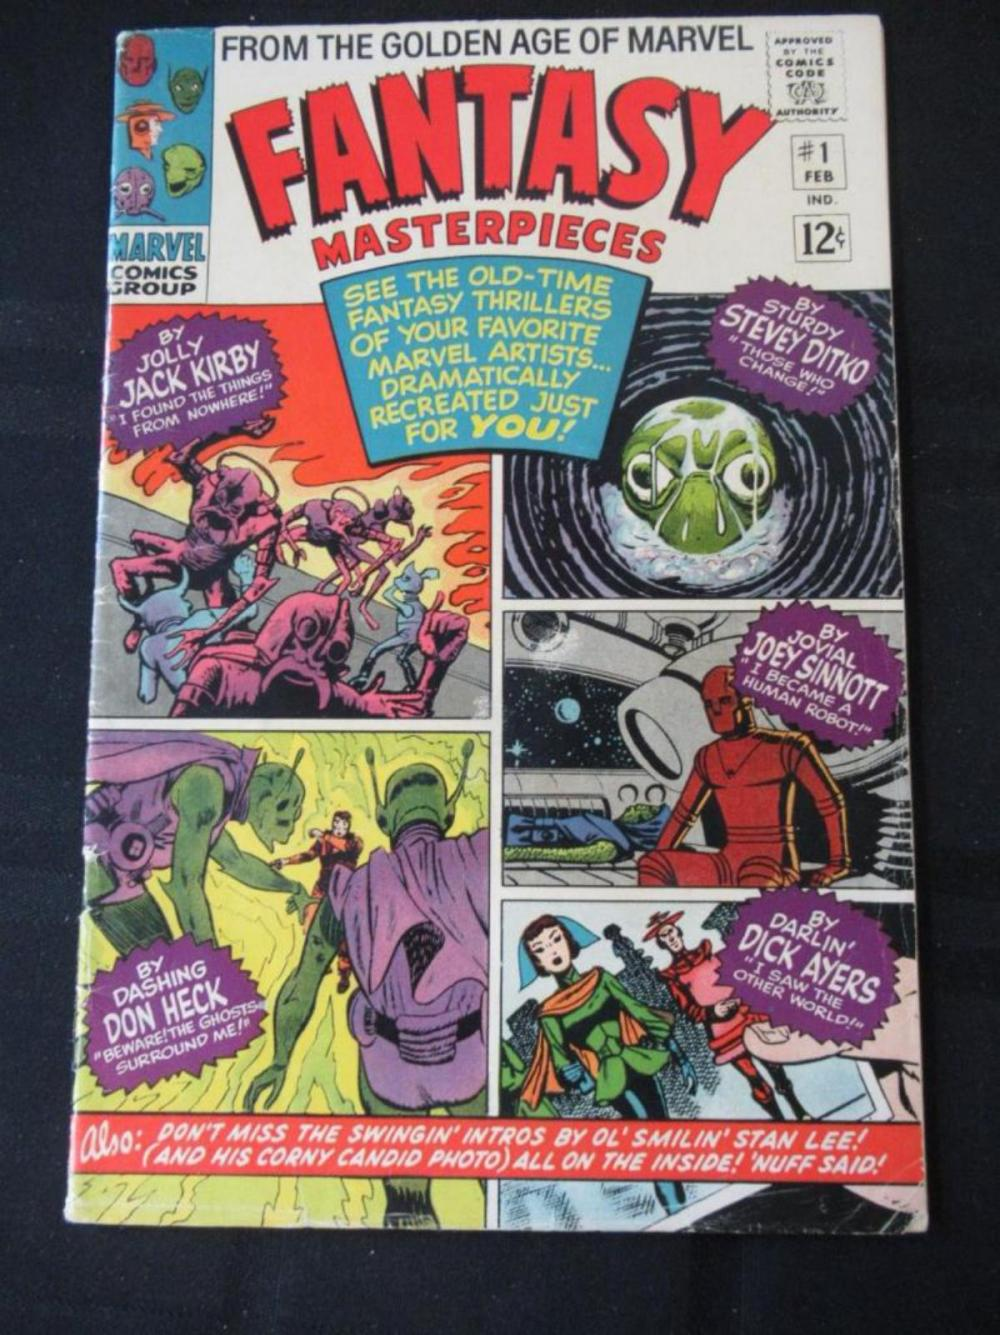 Fantasy Masterpieces 12c #1 intro by Stan Lee